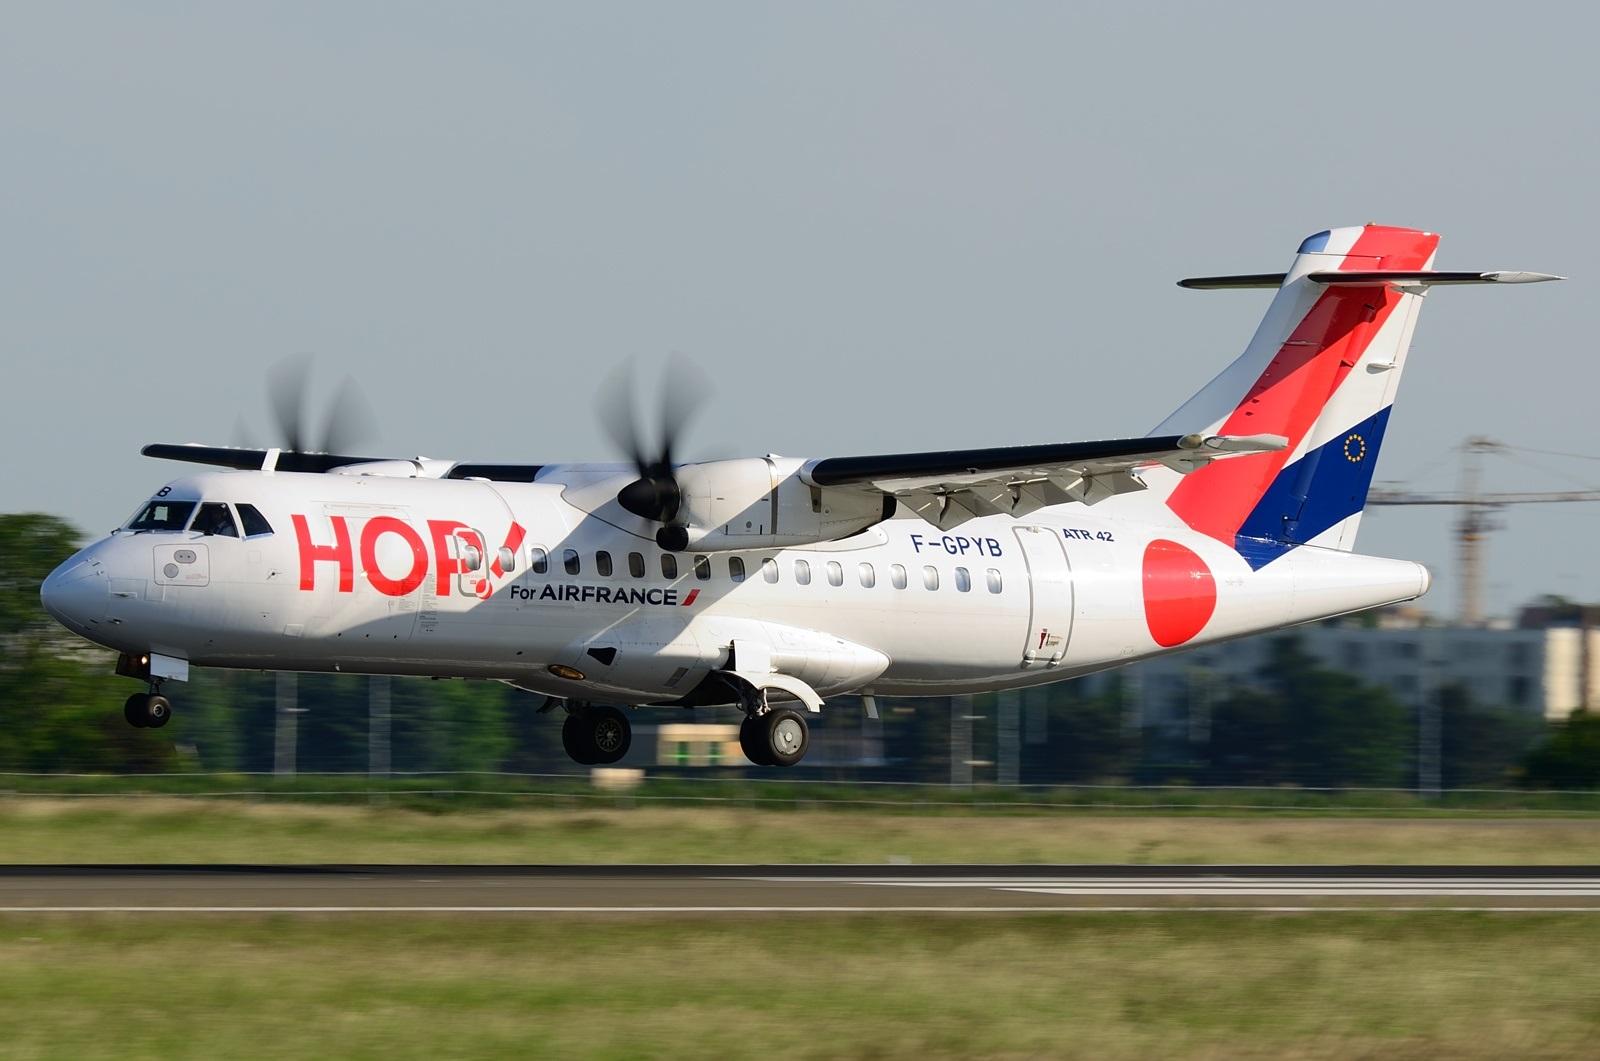 Посадка ATR 42 в ливрее HOP!